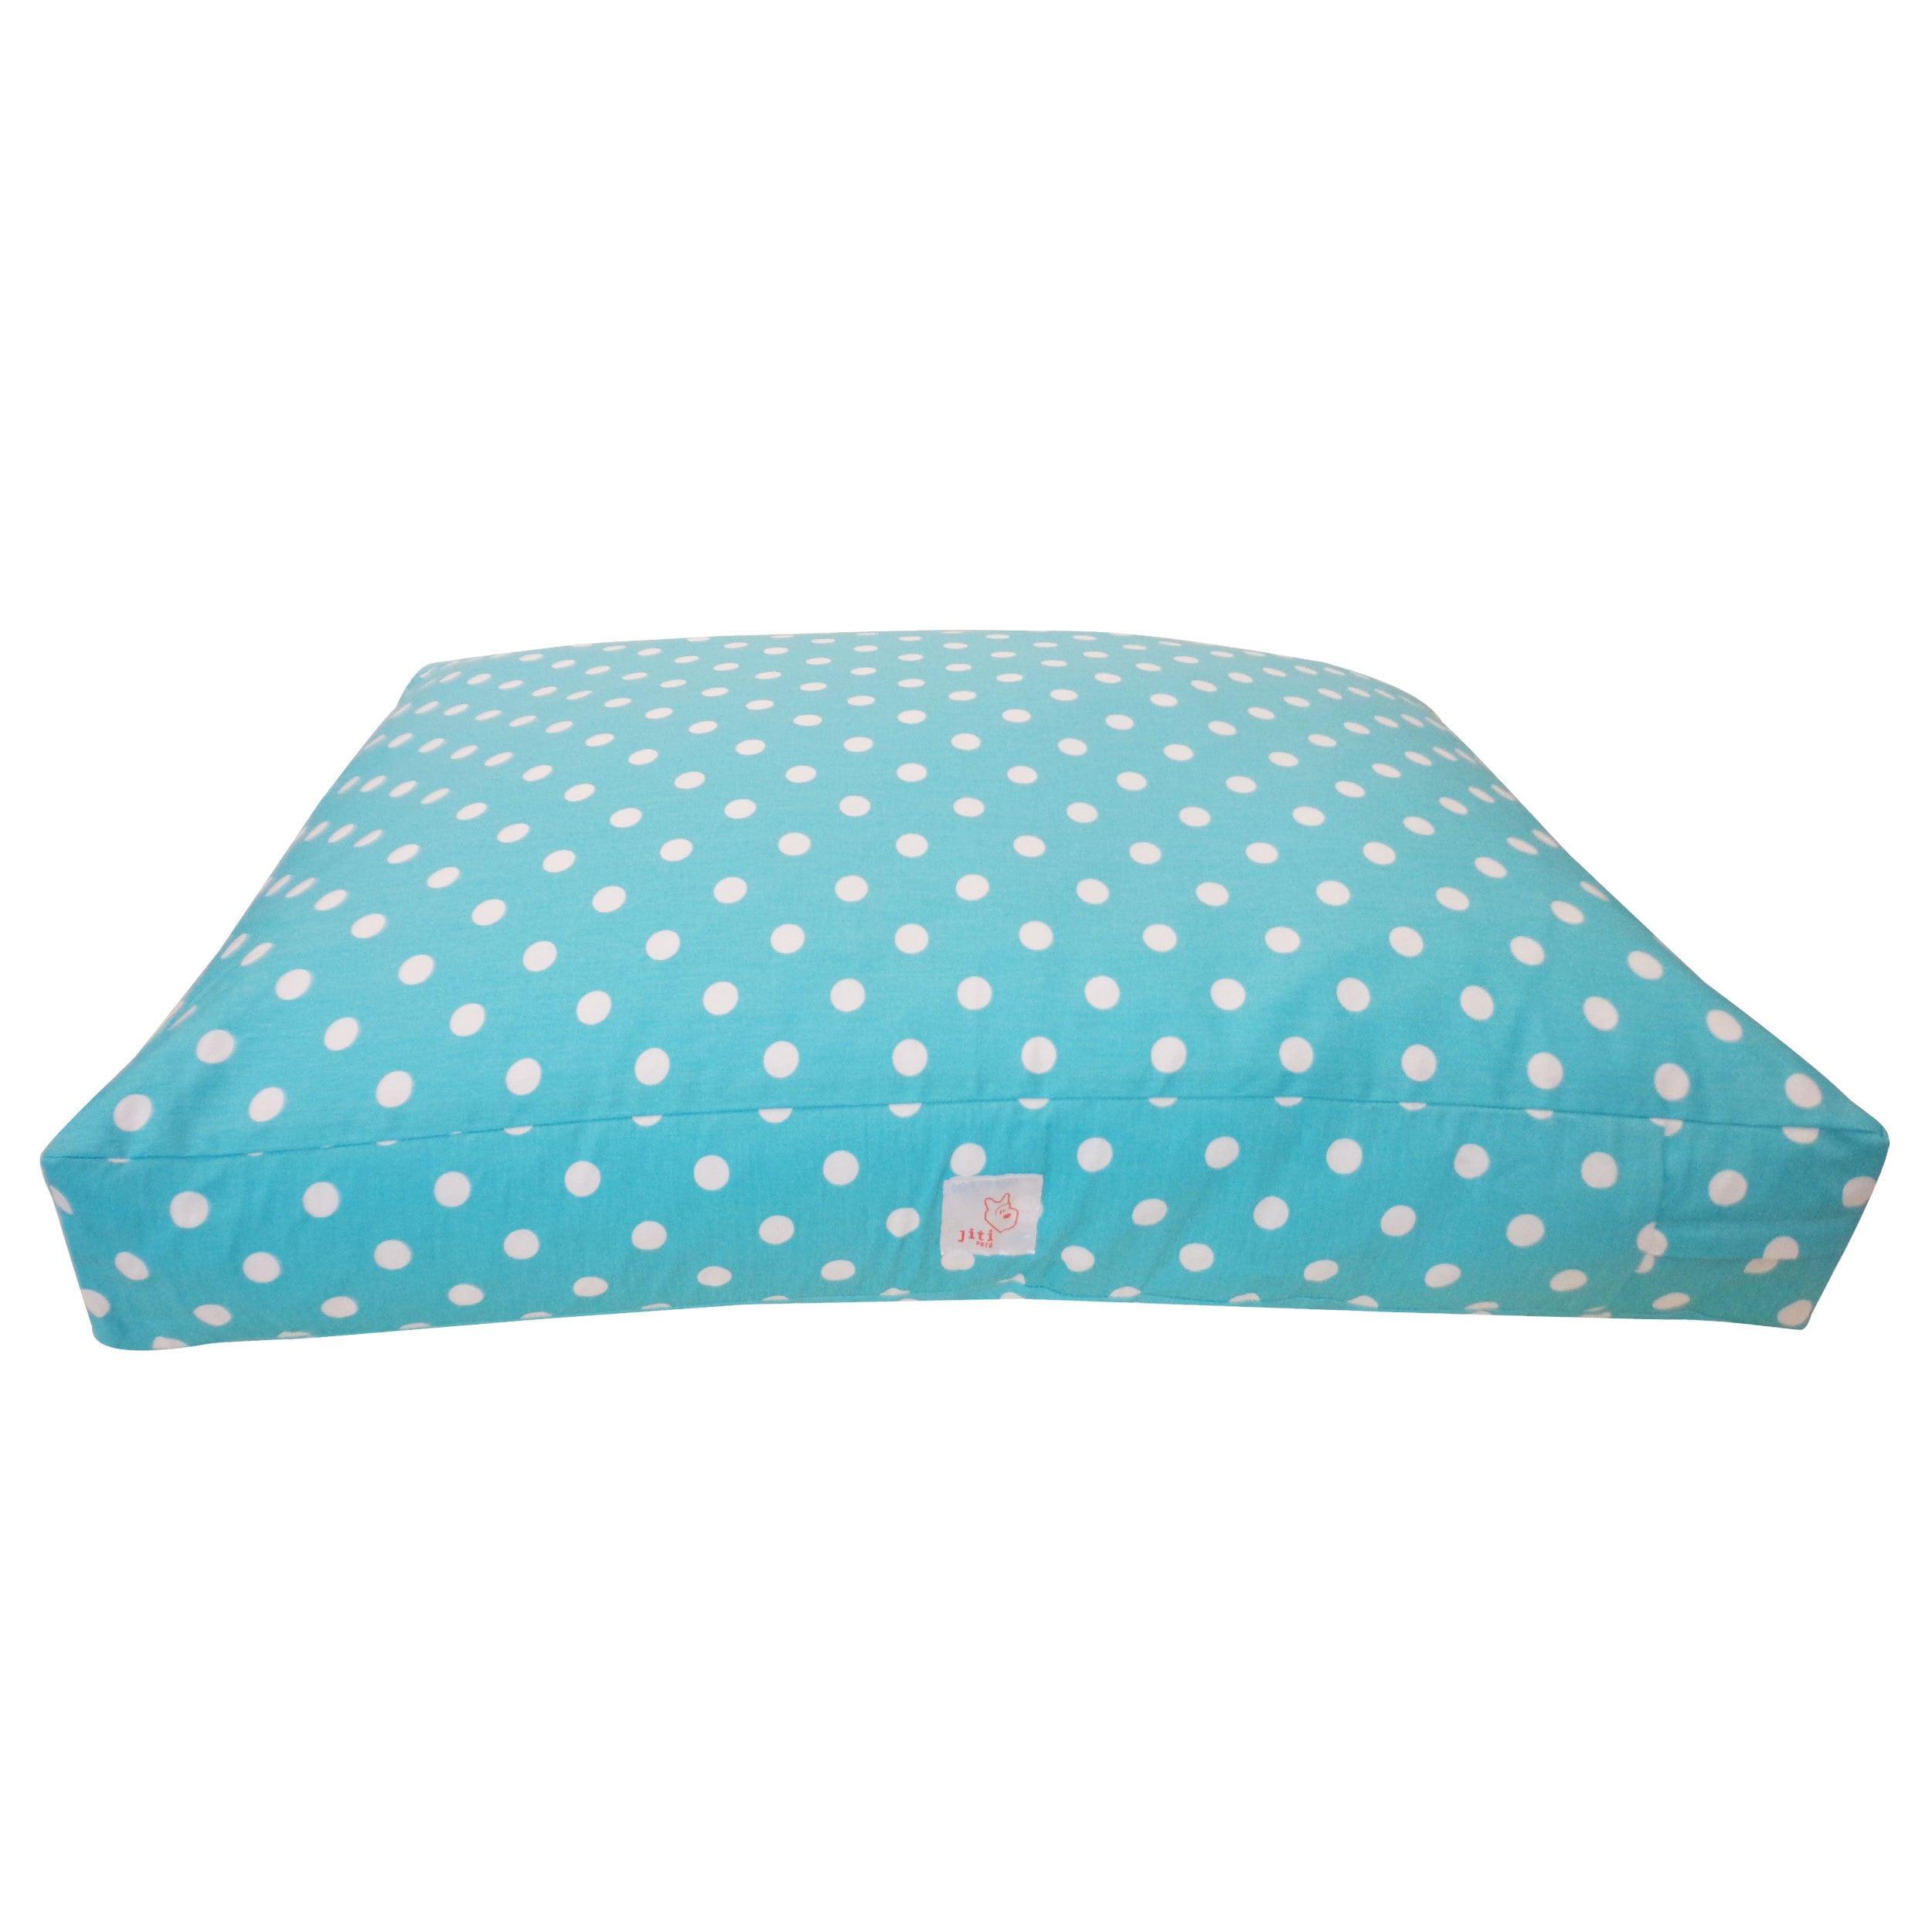 Jiti Wholes Blue Small Pet Bed (Medium)